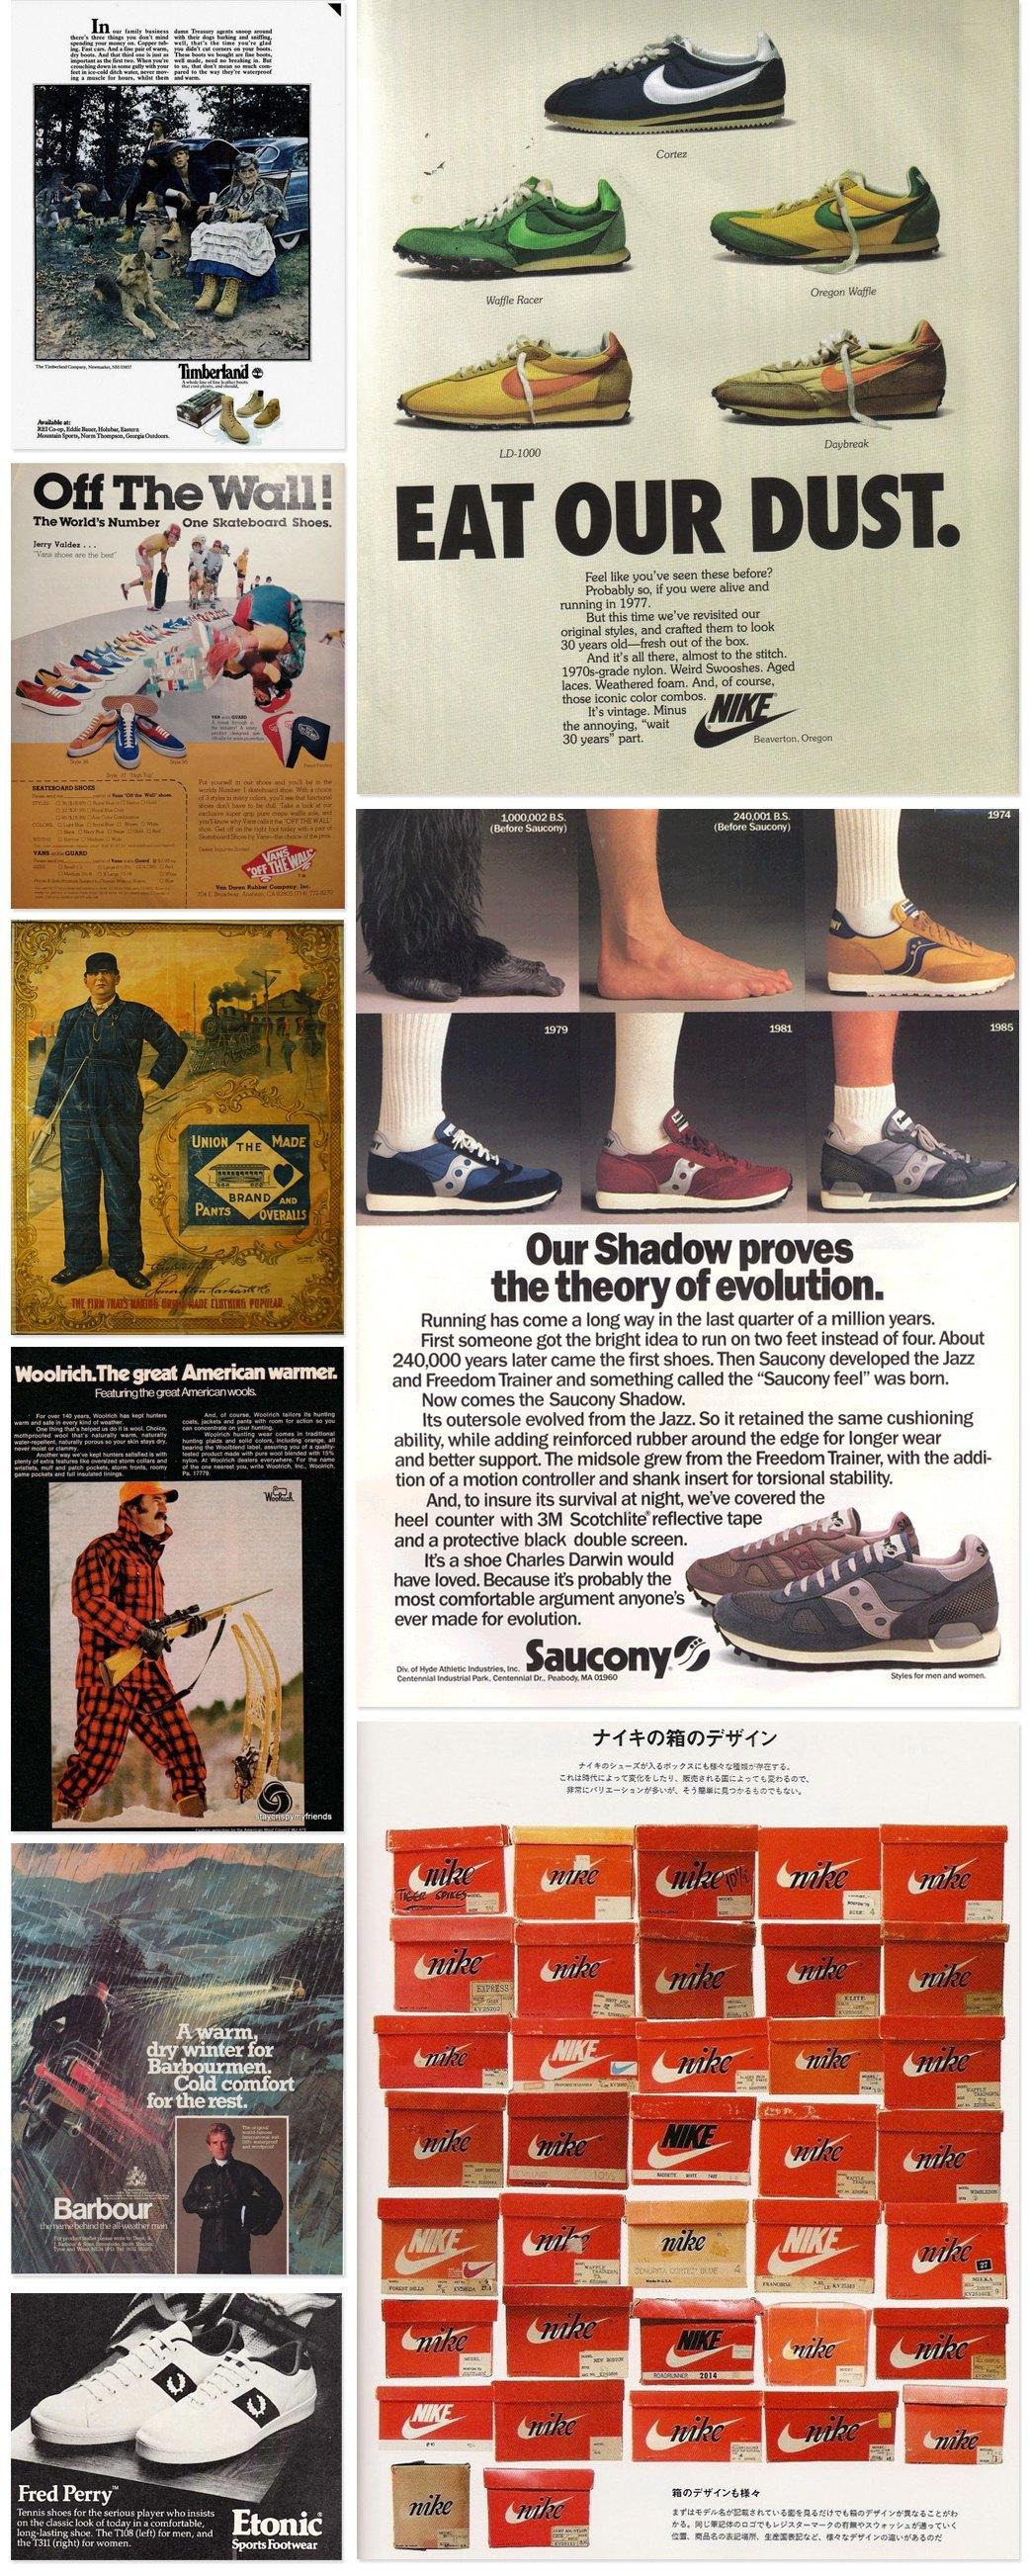 Назад в будущее: Винтажные рекламные плакаты современных марок одежды. Изображение № 4.